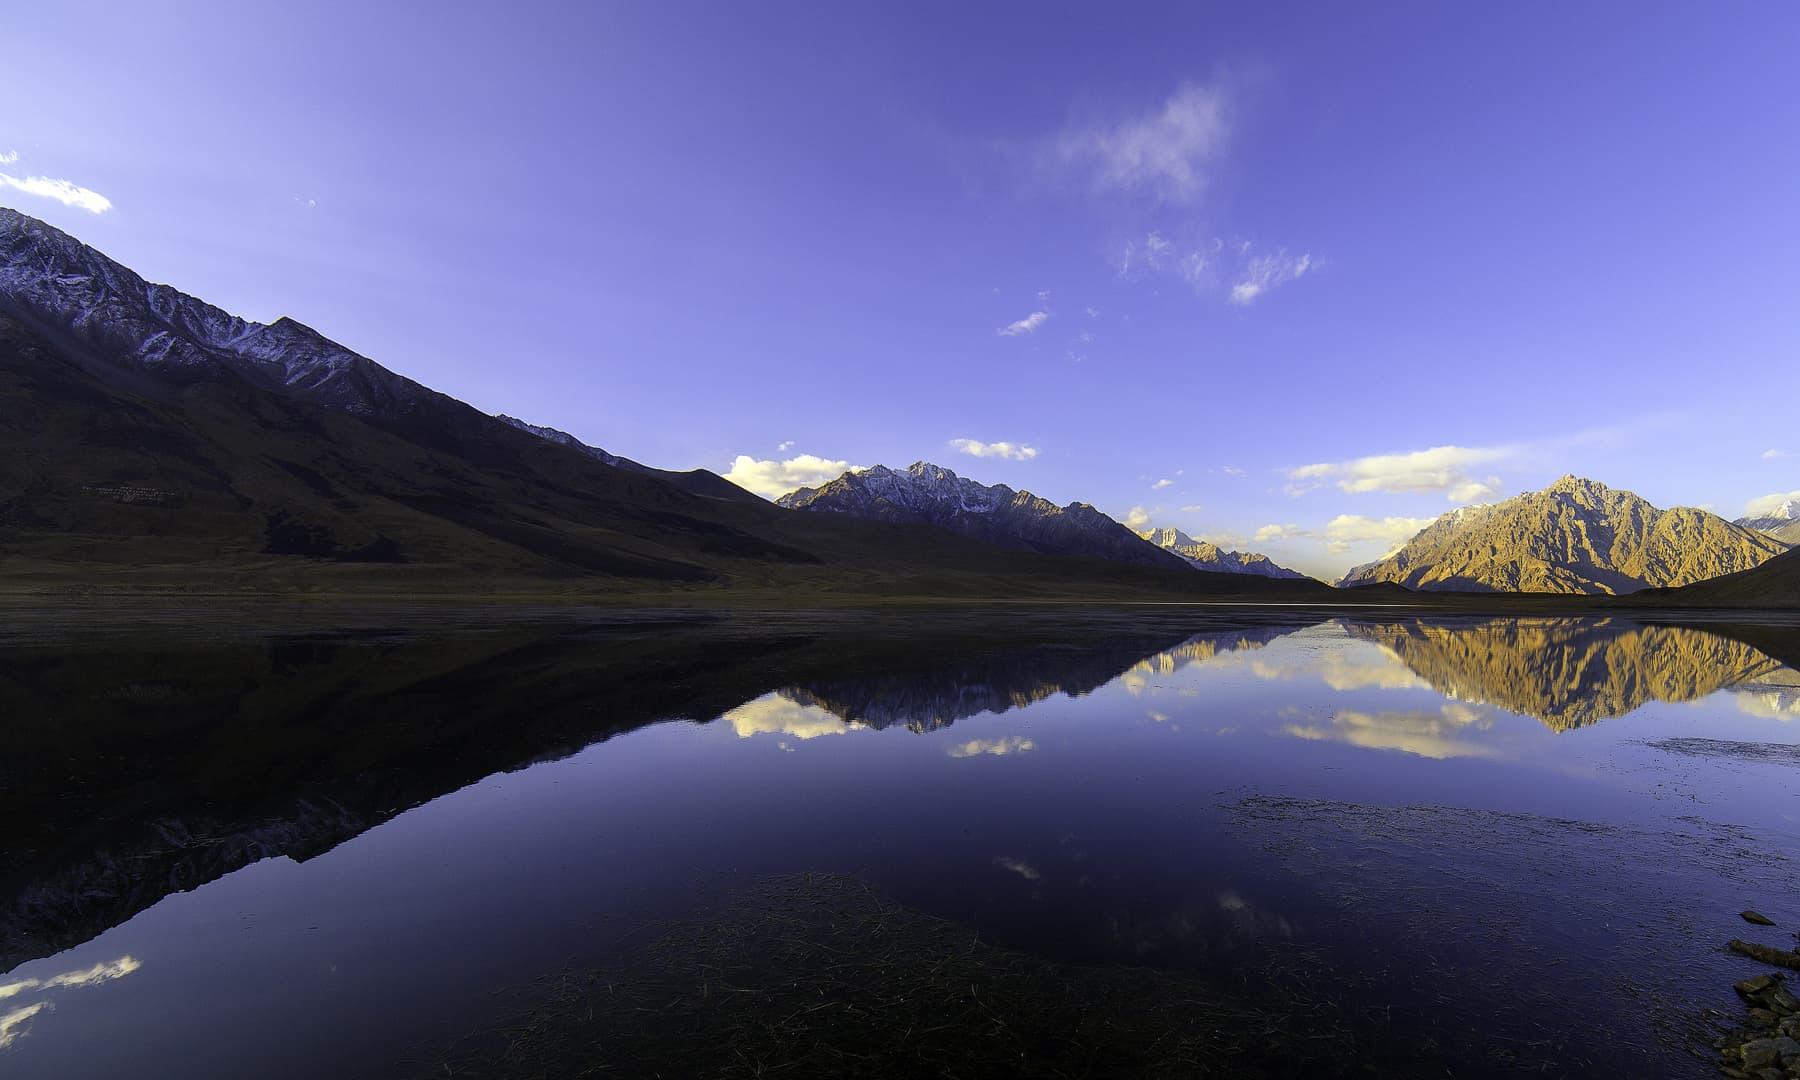 شندور جھیل پر طلوعِ آفتاب— سید مہدی بخاری